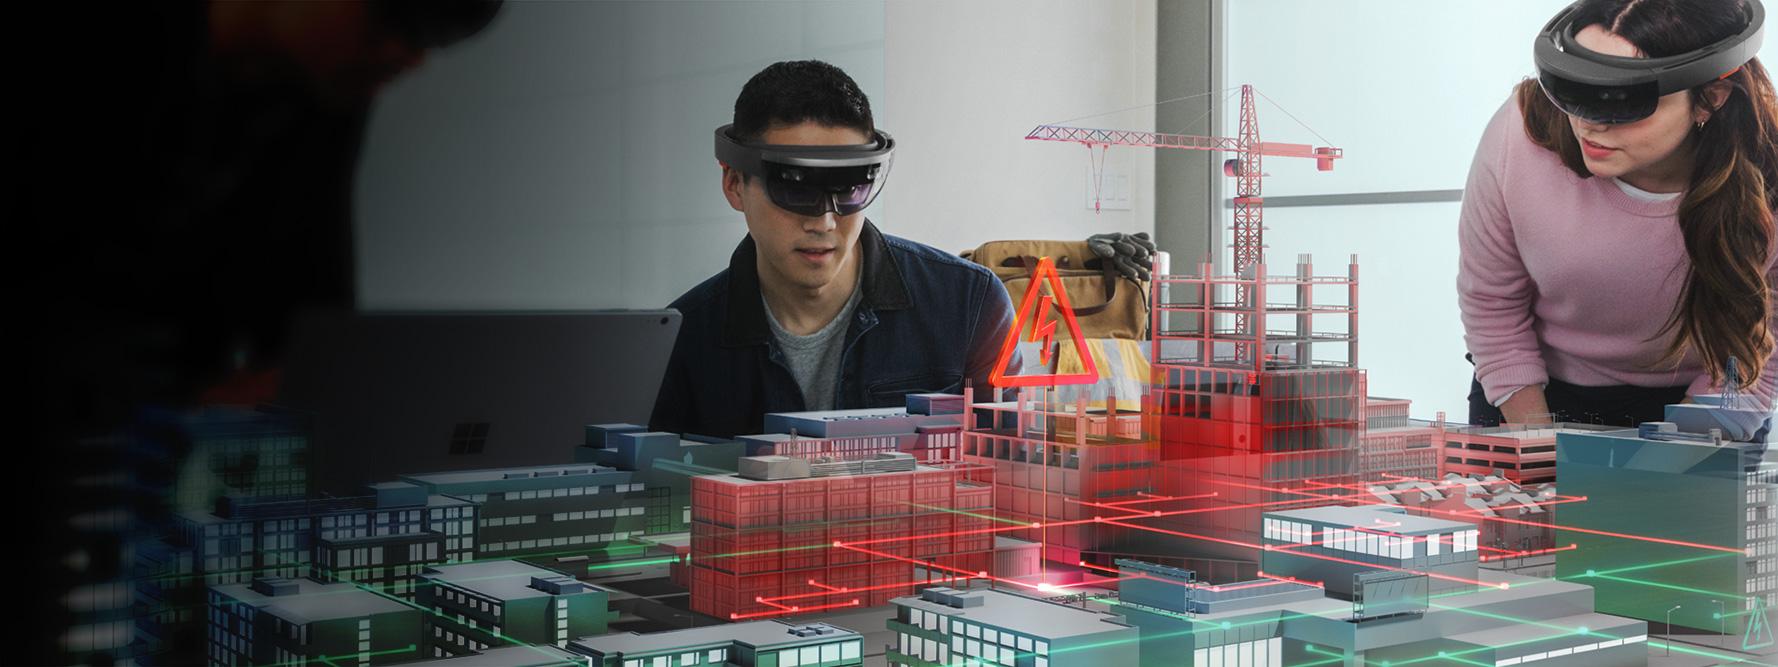 Мужчина и женщина в очках HoloLens смотрят на виртуальную модель стройки